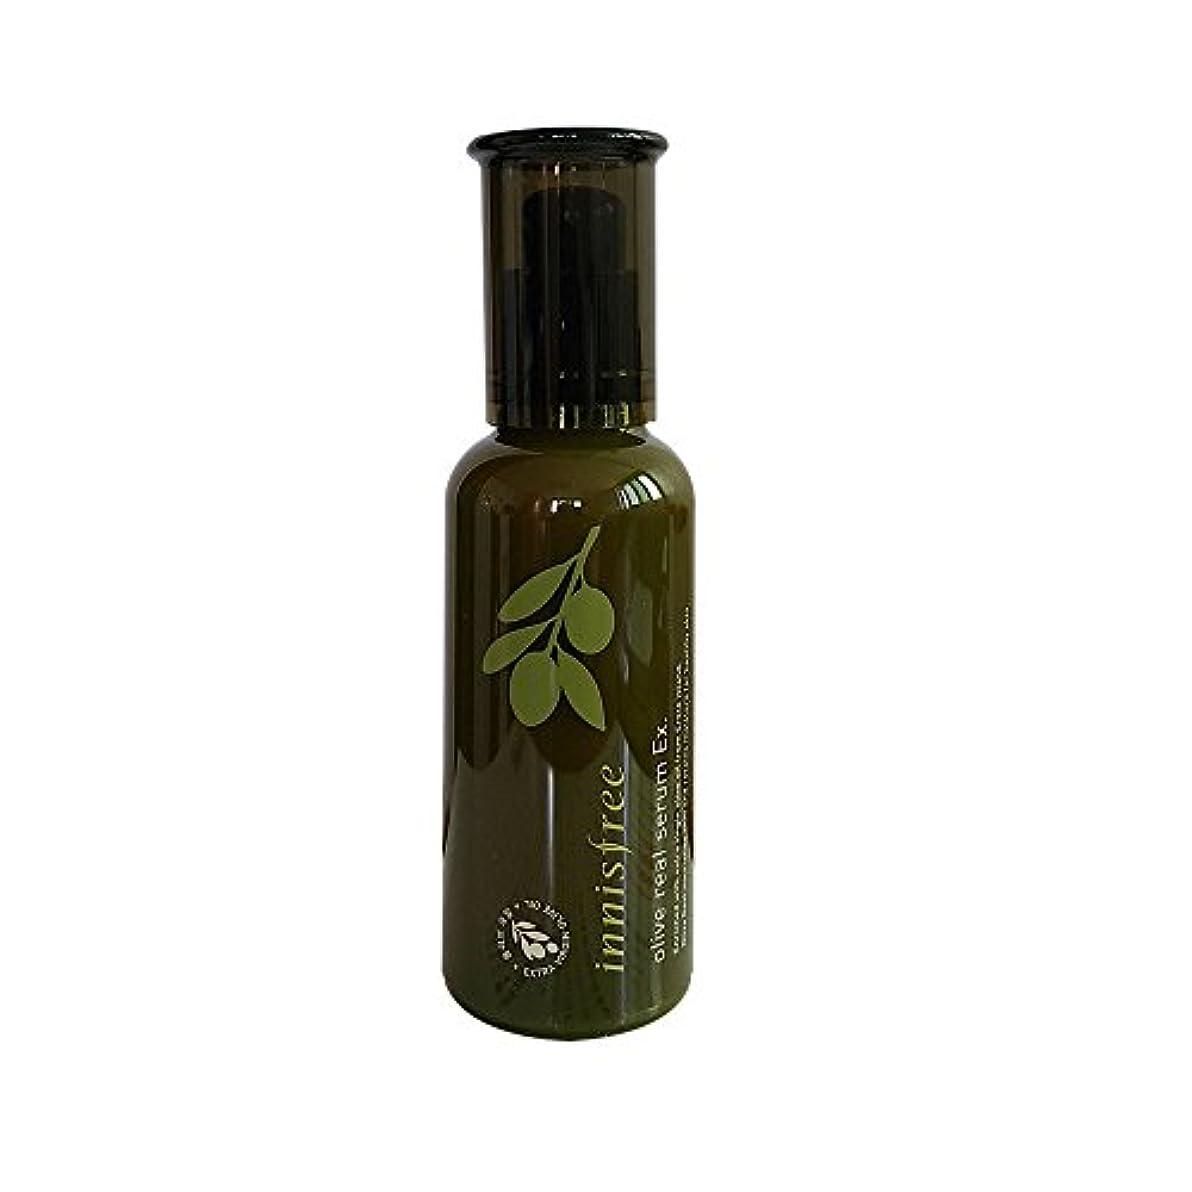 軽く想定する崩壊イニスフリー Innisfree オリーブリアルセラム(50ml) Innisfree Olive Real Serum(50ml) [海外直送品]